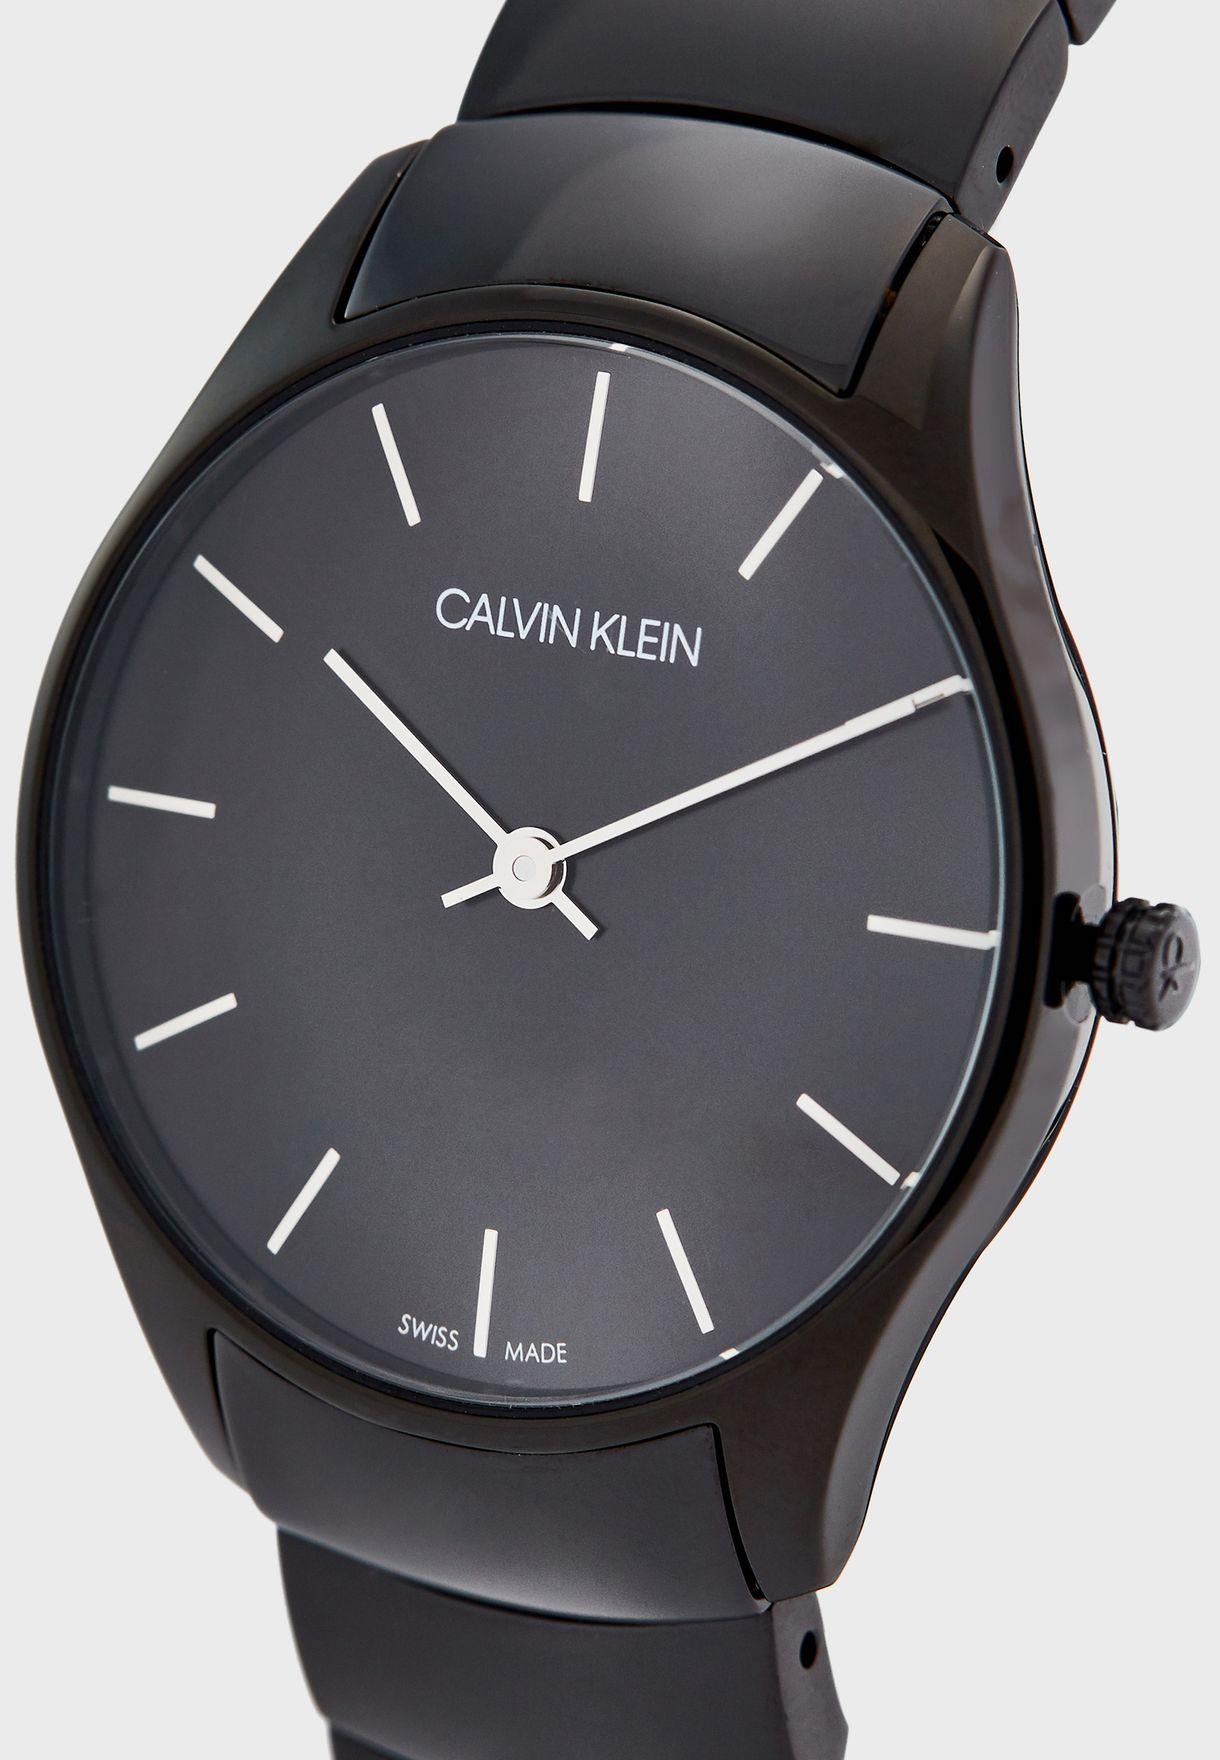 K4D224-41 Classique Collection Watch